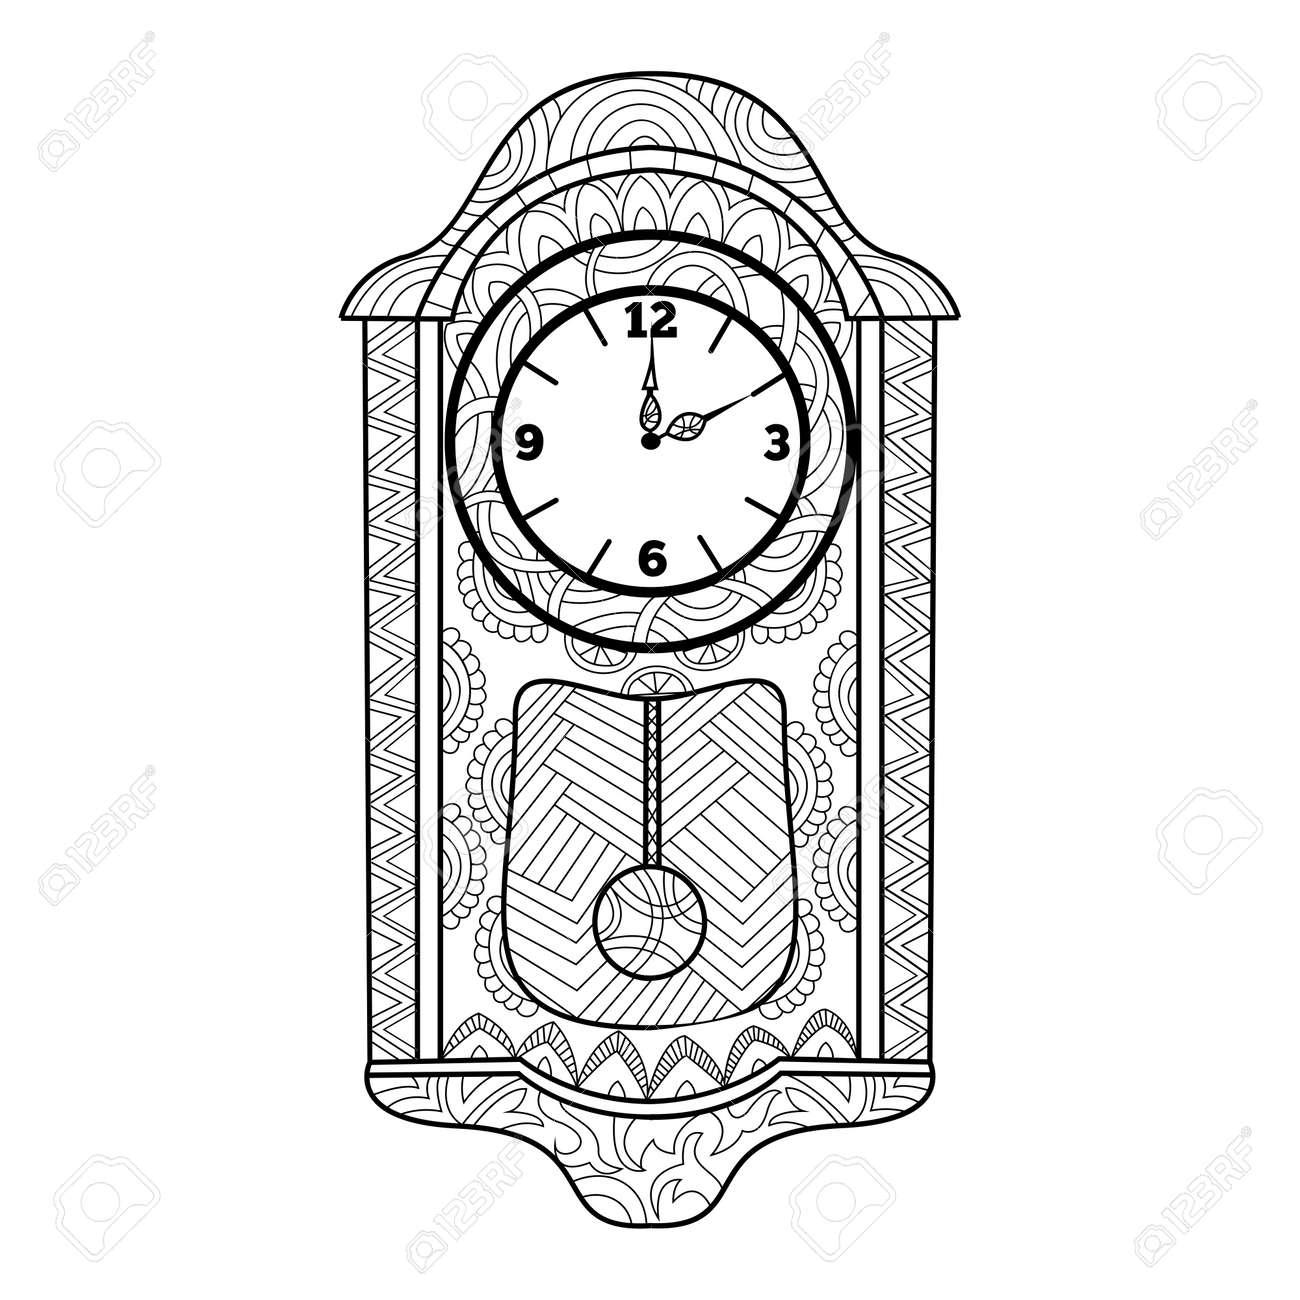 Reloj De Péndulo Para Colorear Libro Para Adultos Ilustración Vectorial Antiestrés Colorear Para Adultos Estilo De Zentangle Líneas Blancas Y